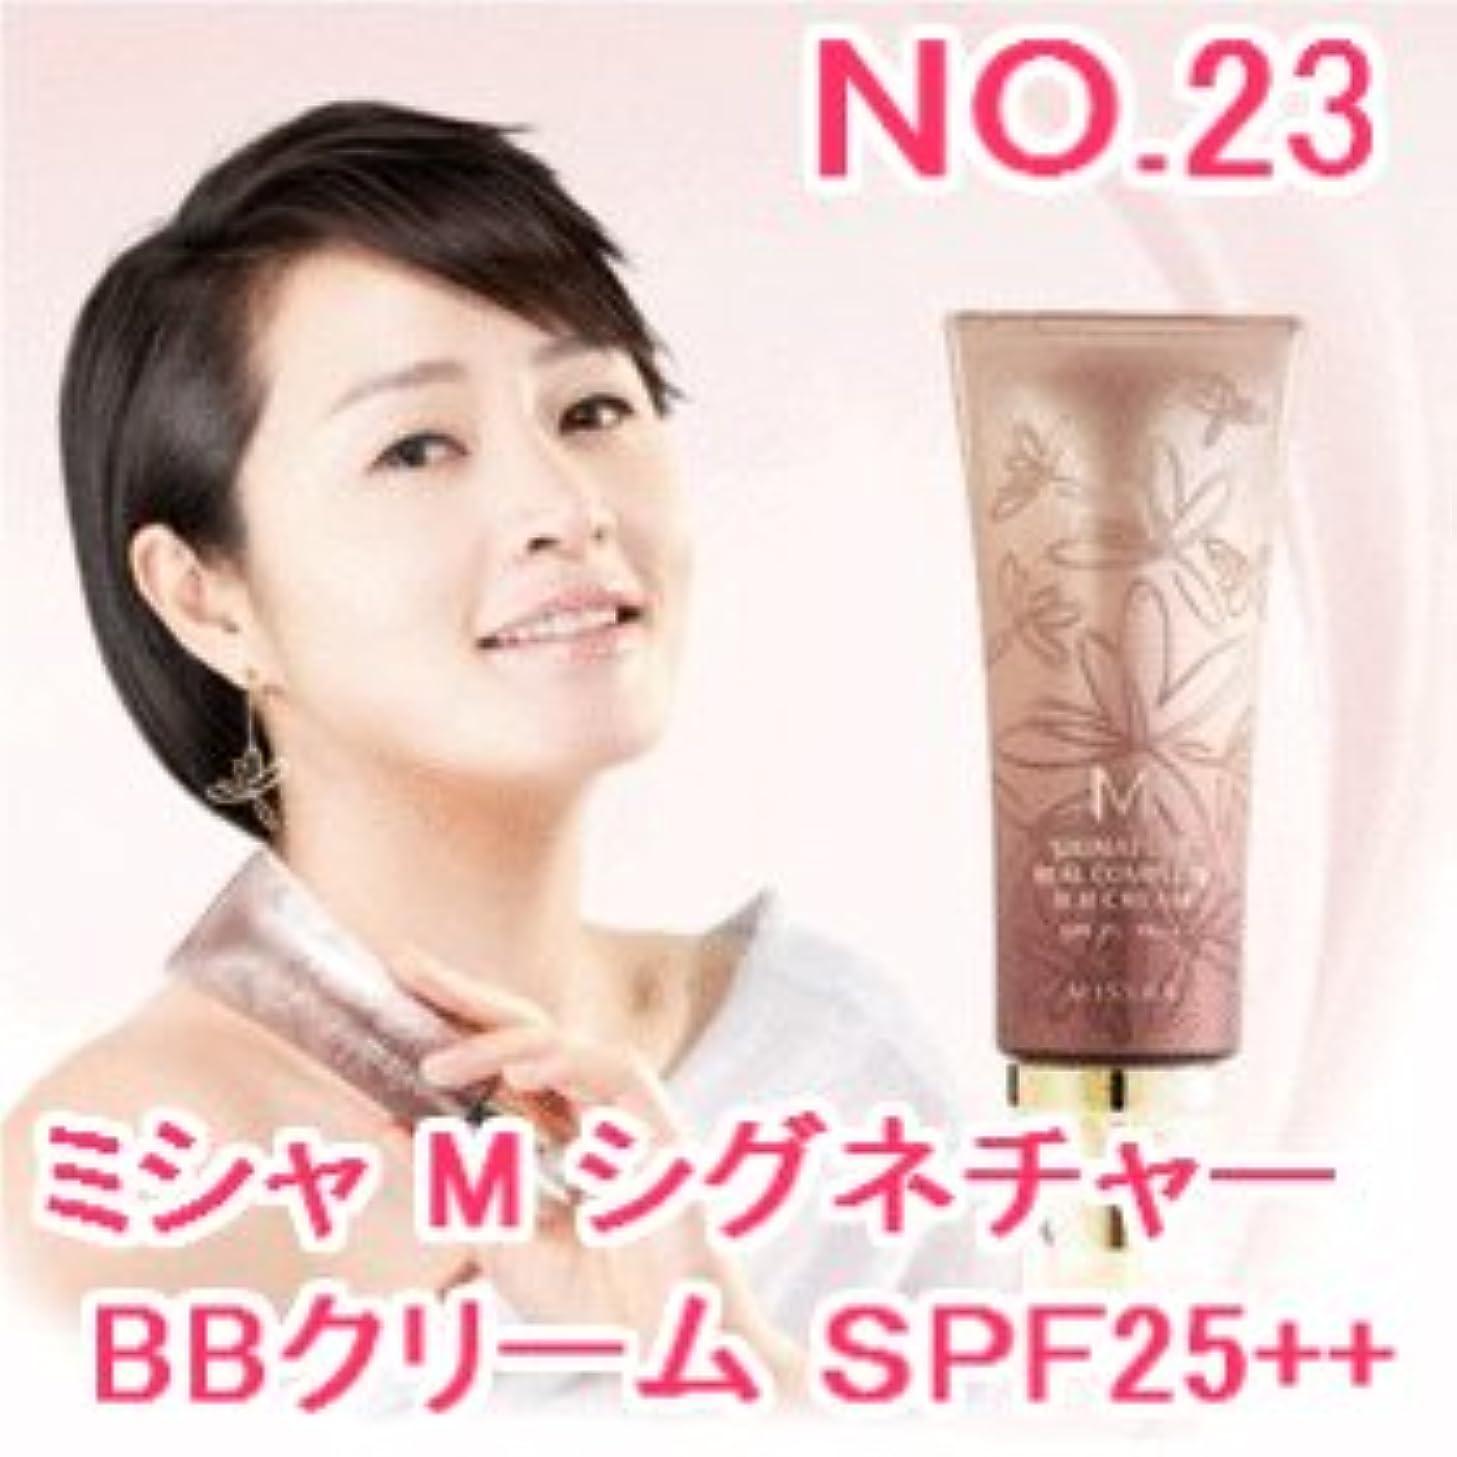 事業によると確保するNO.23 ミシャ M シグネチャー リアルコンプリート BBクリーム SPF25 PA++